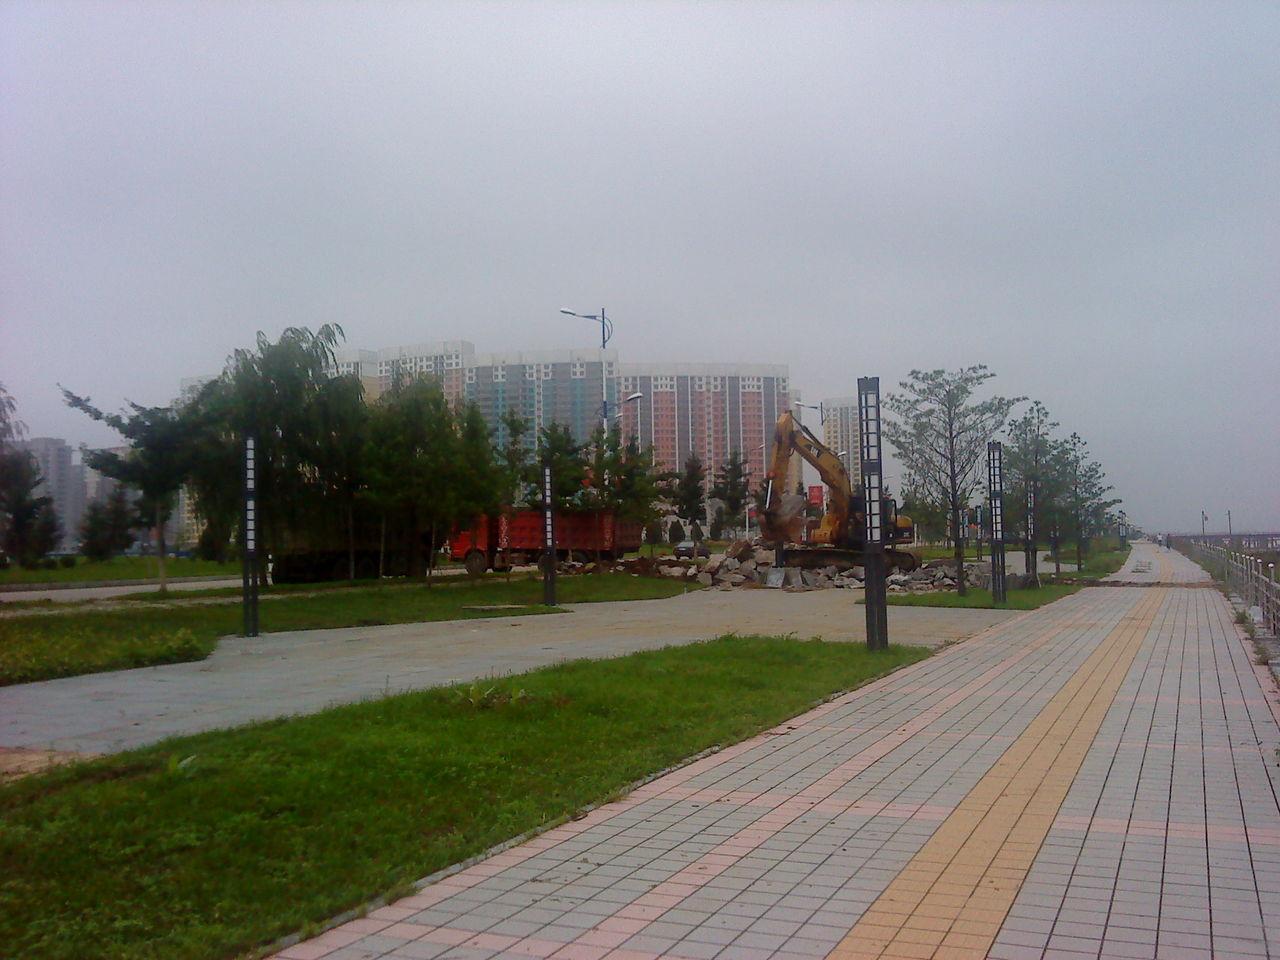 丹东新城区 丹东市新城区 新鸭绿江大桥图片